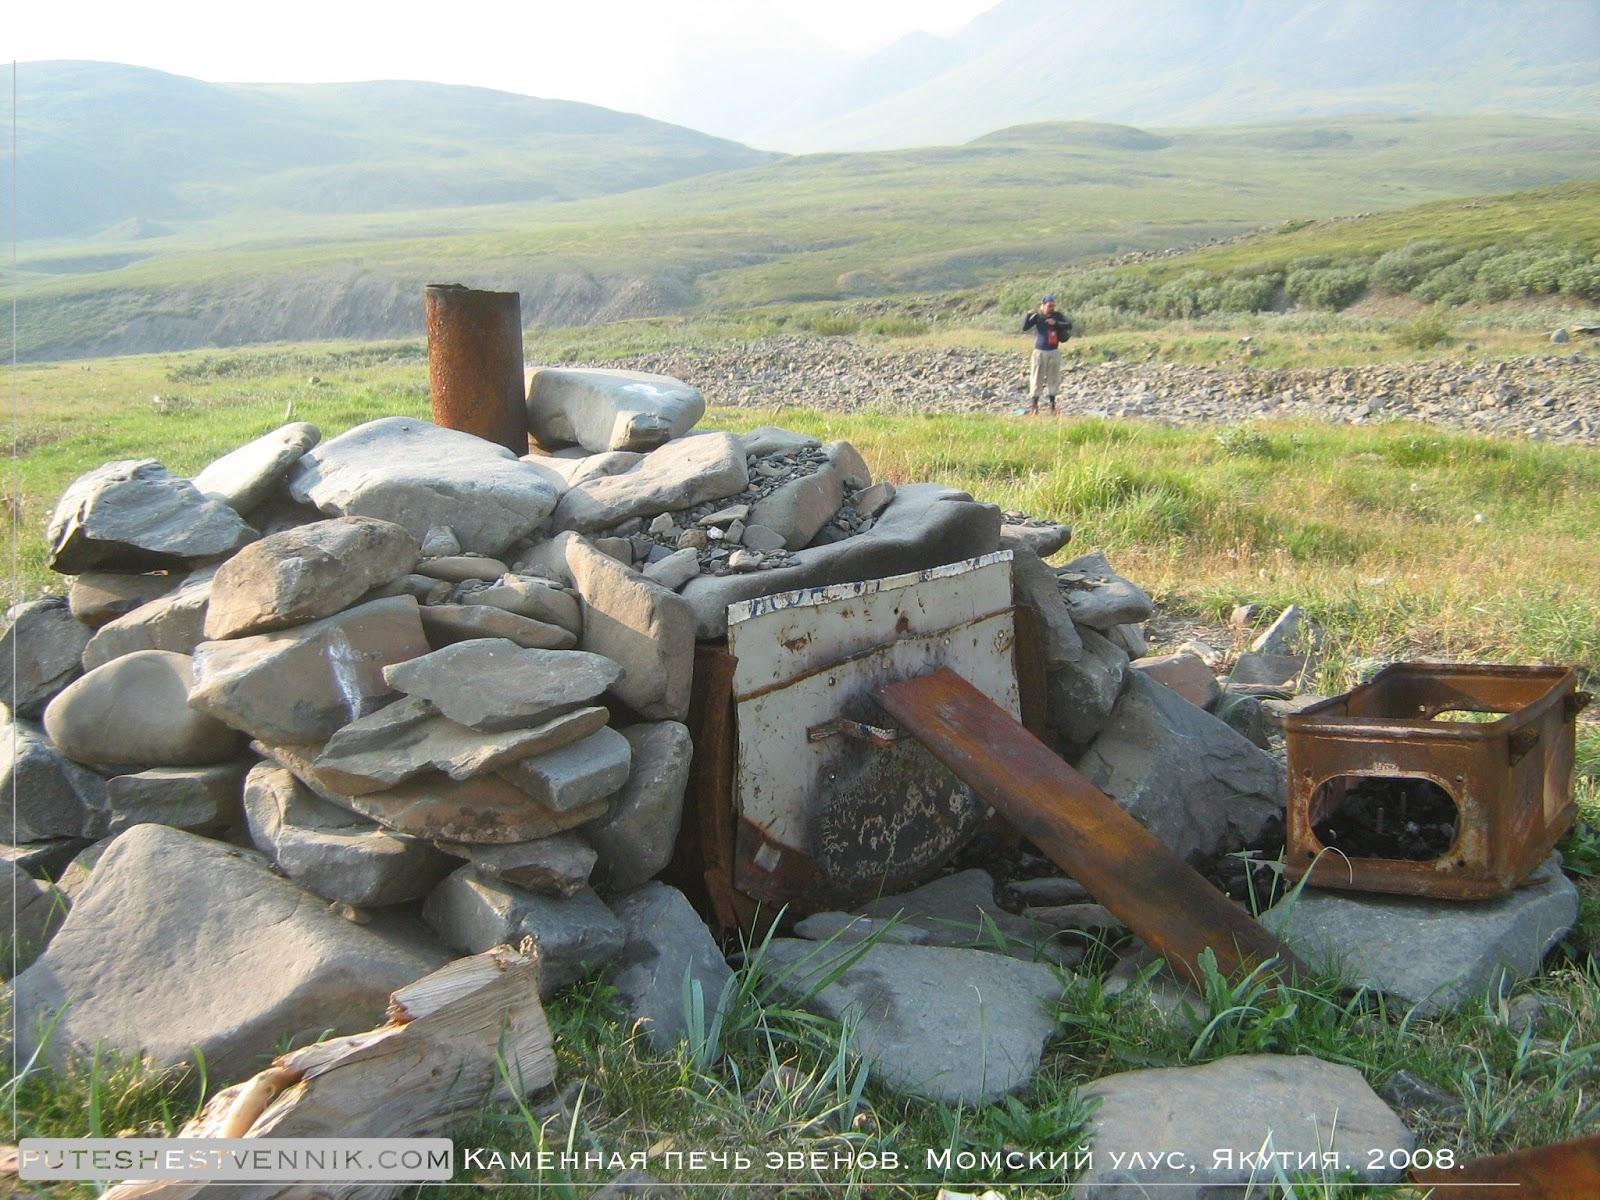 Каменная печь эвенов